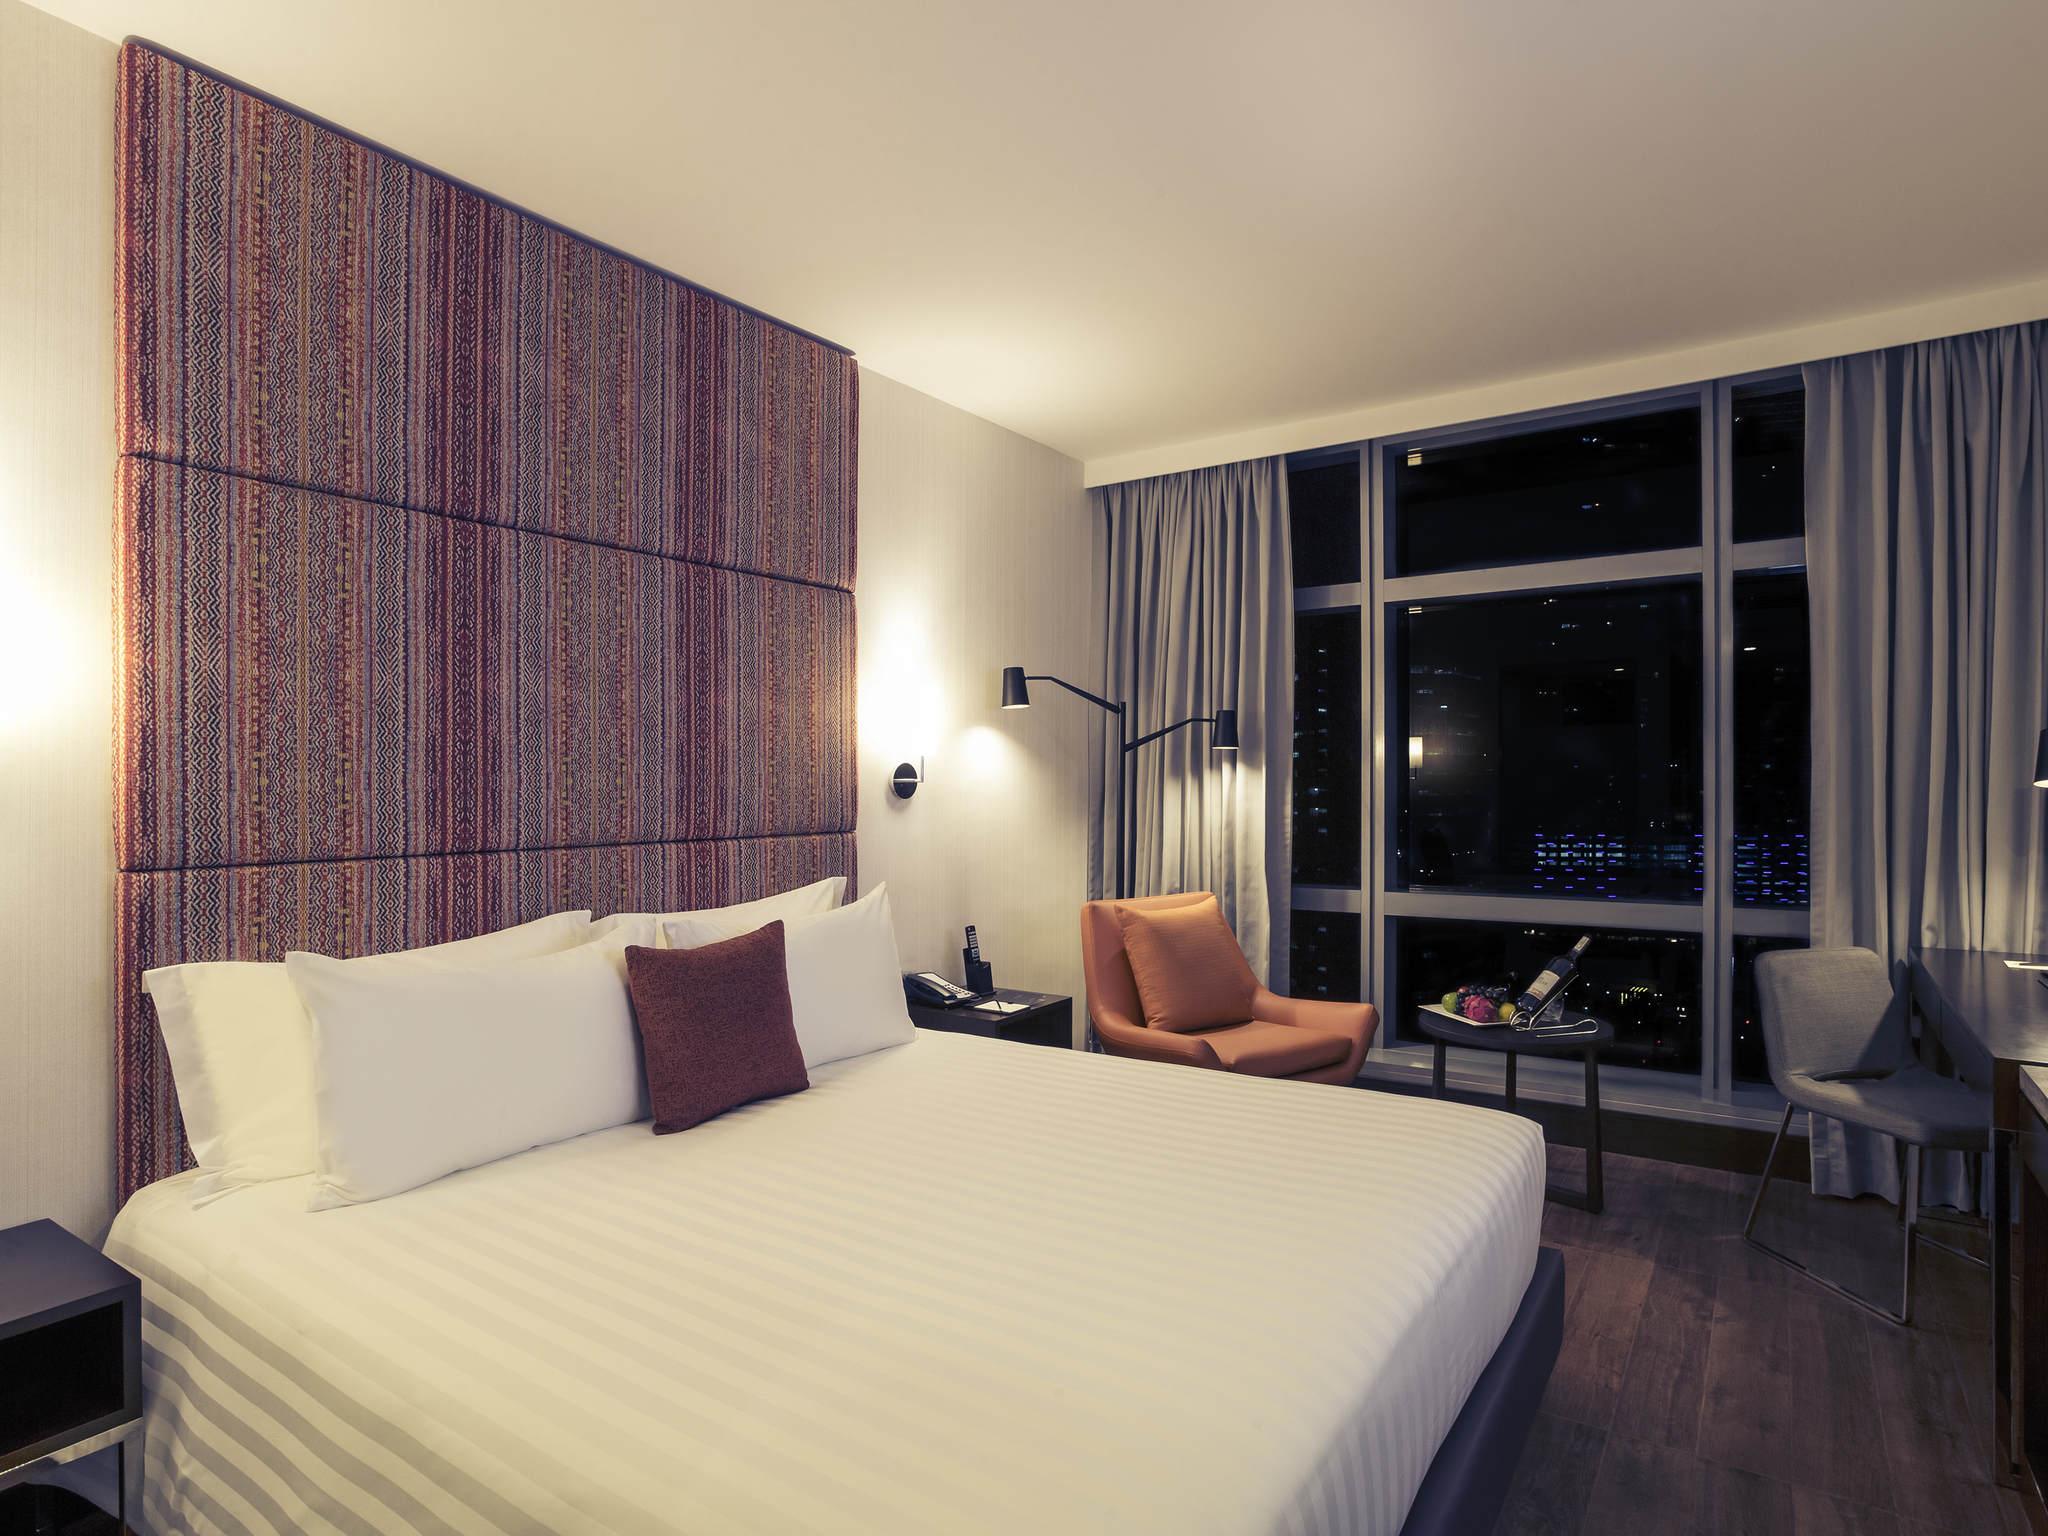 Hotel in pasig - Mercure Manila Ortigas